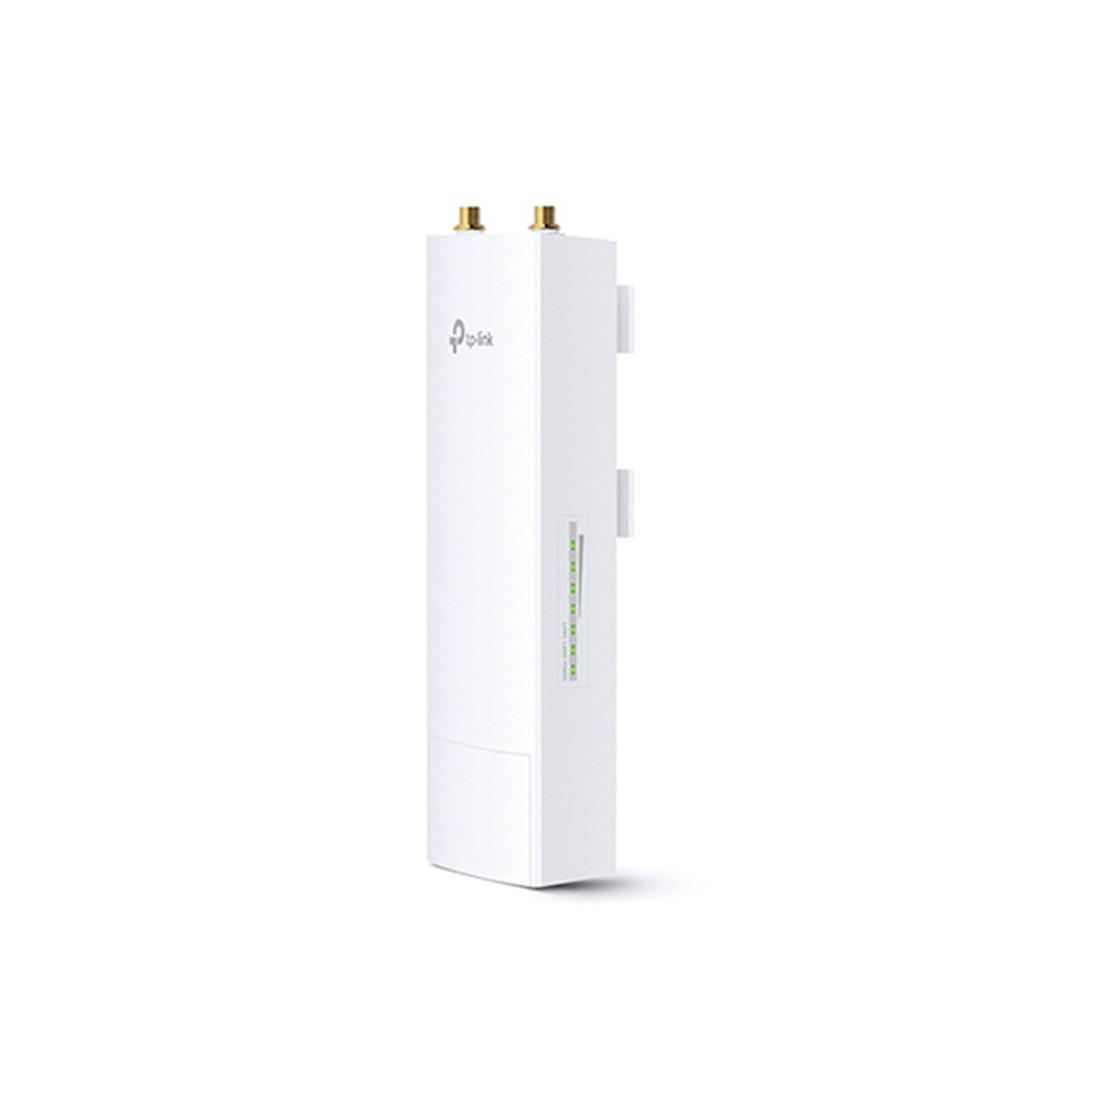 Wi-Fi точка доступа, TP-Link WBS210 300 Мбит/с